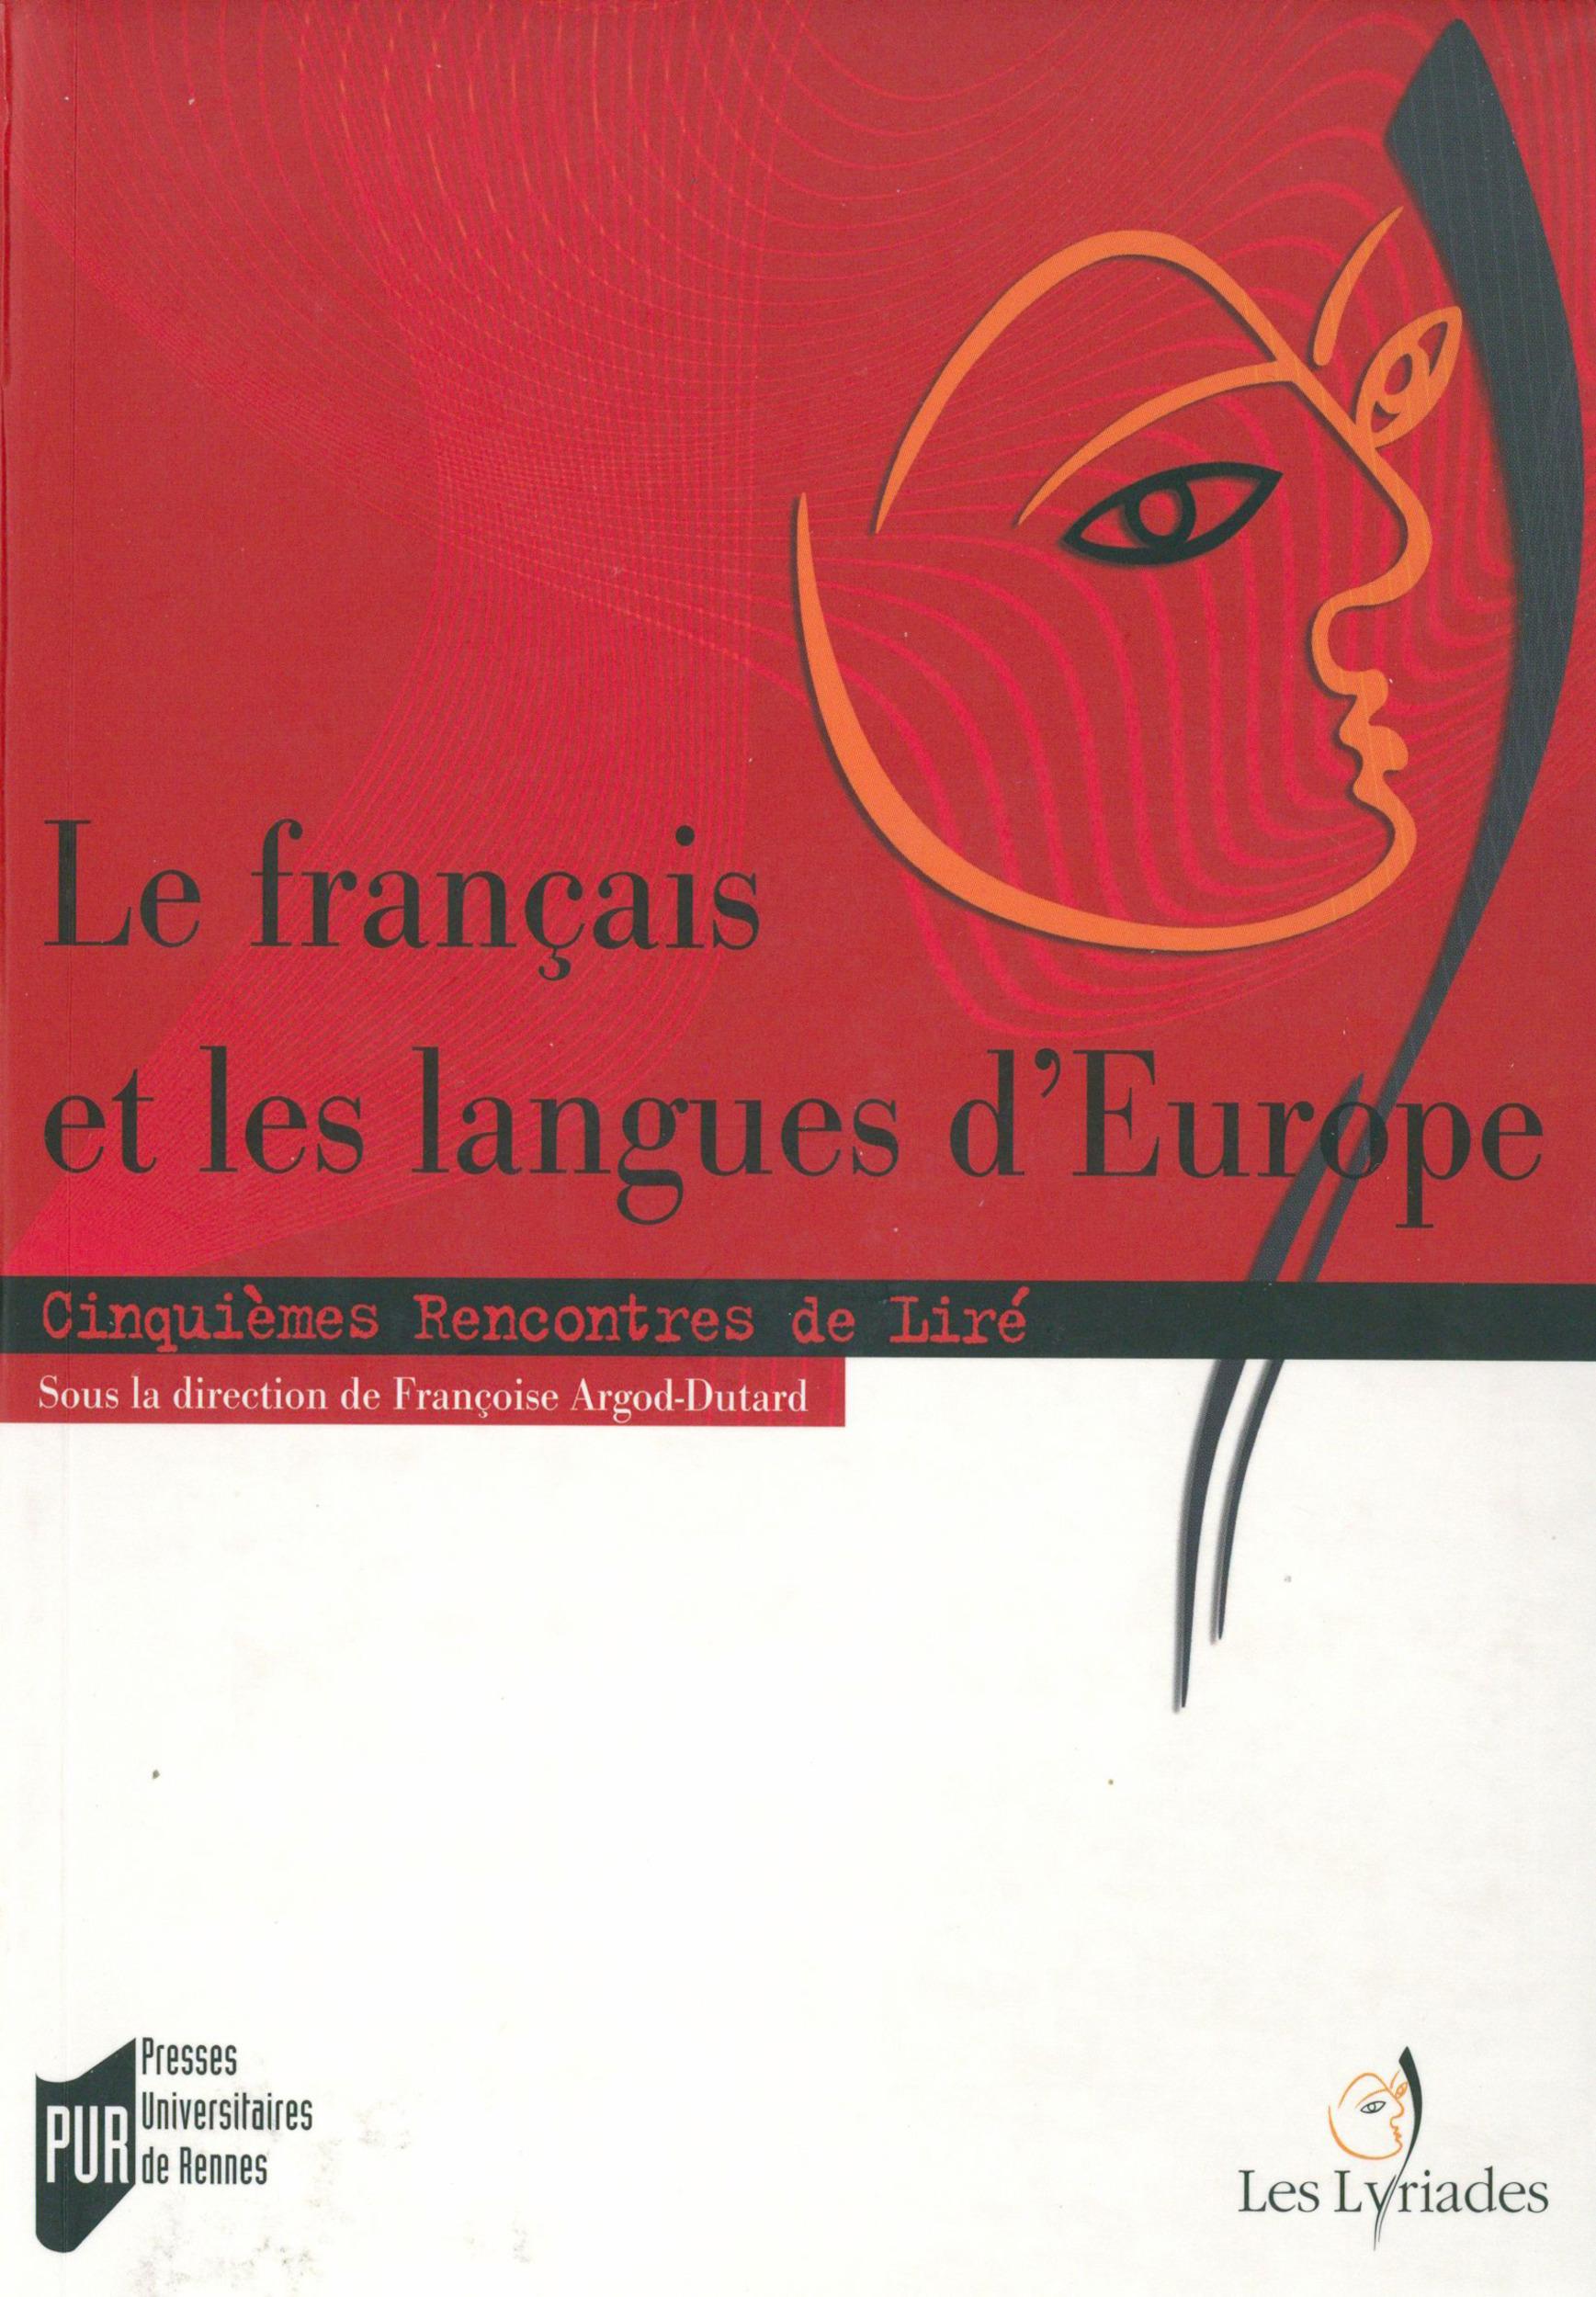 Le francais et les langues d'Europe ; cinquièmes rencontres de Liré